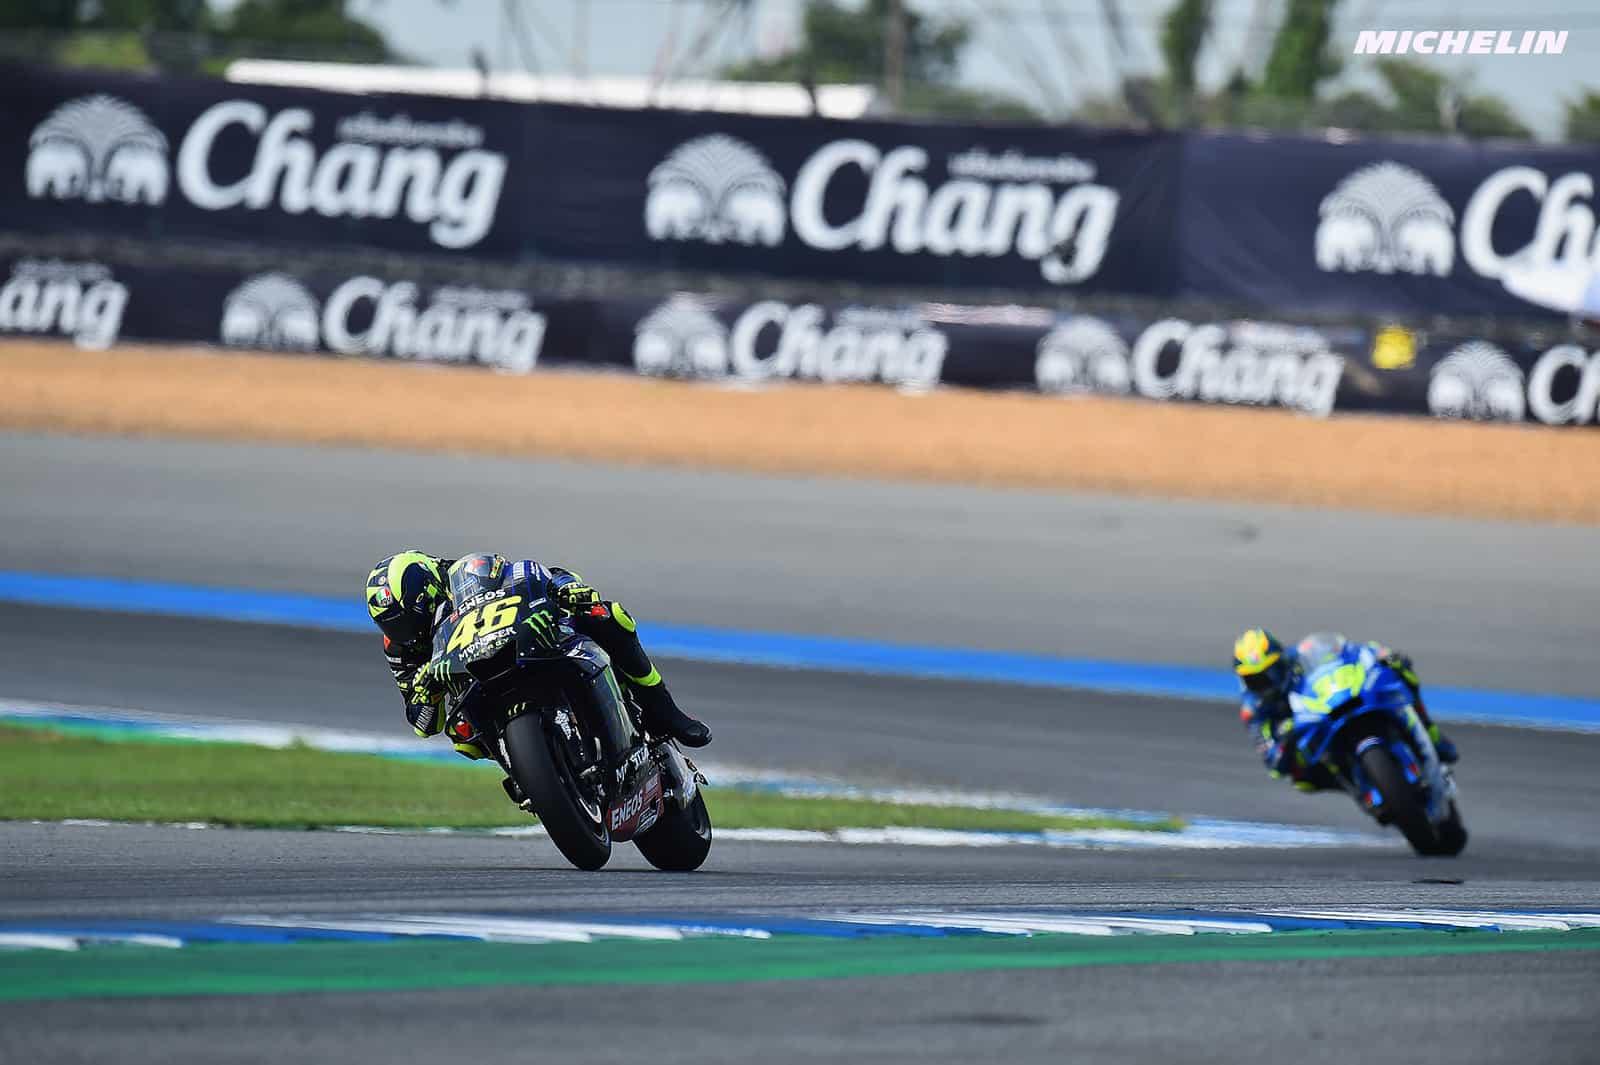 MotoGP2019タイGP 8位ロッシ「9周あたりでリアグリップが落ちてしまう」